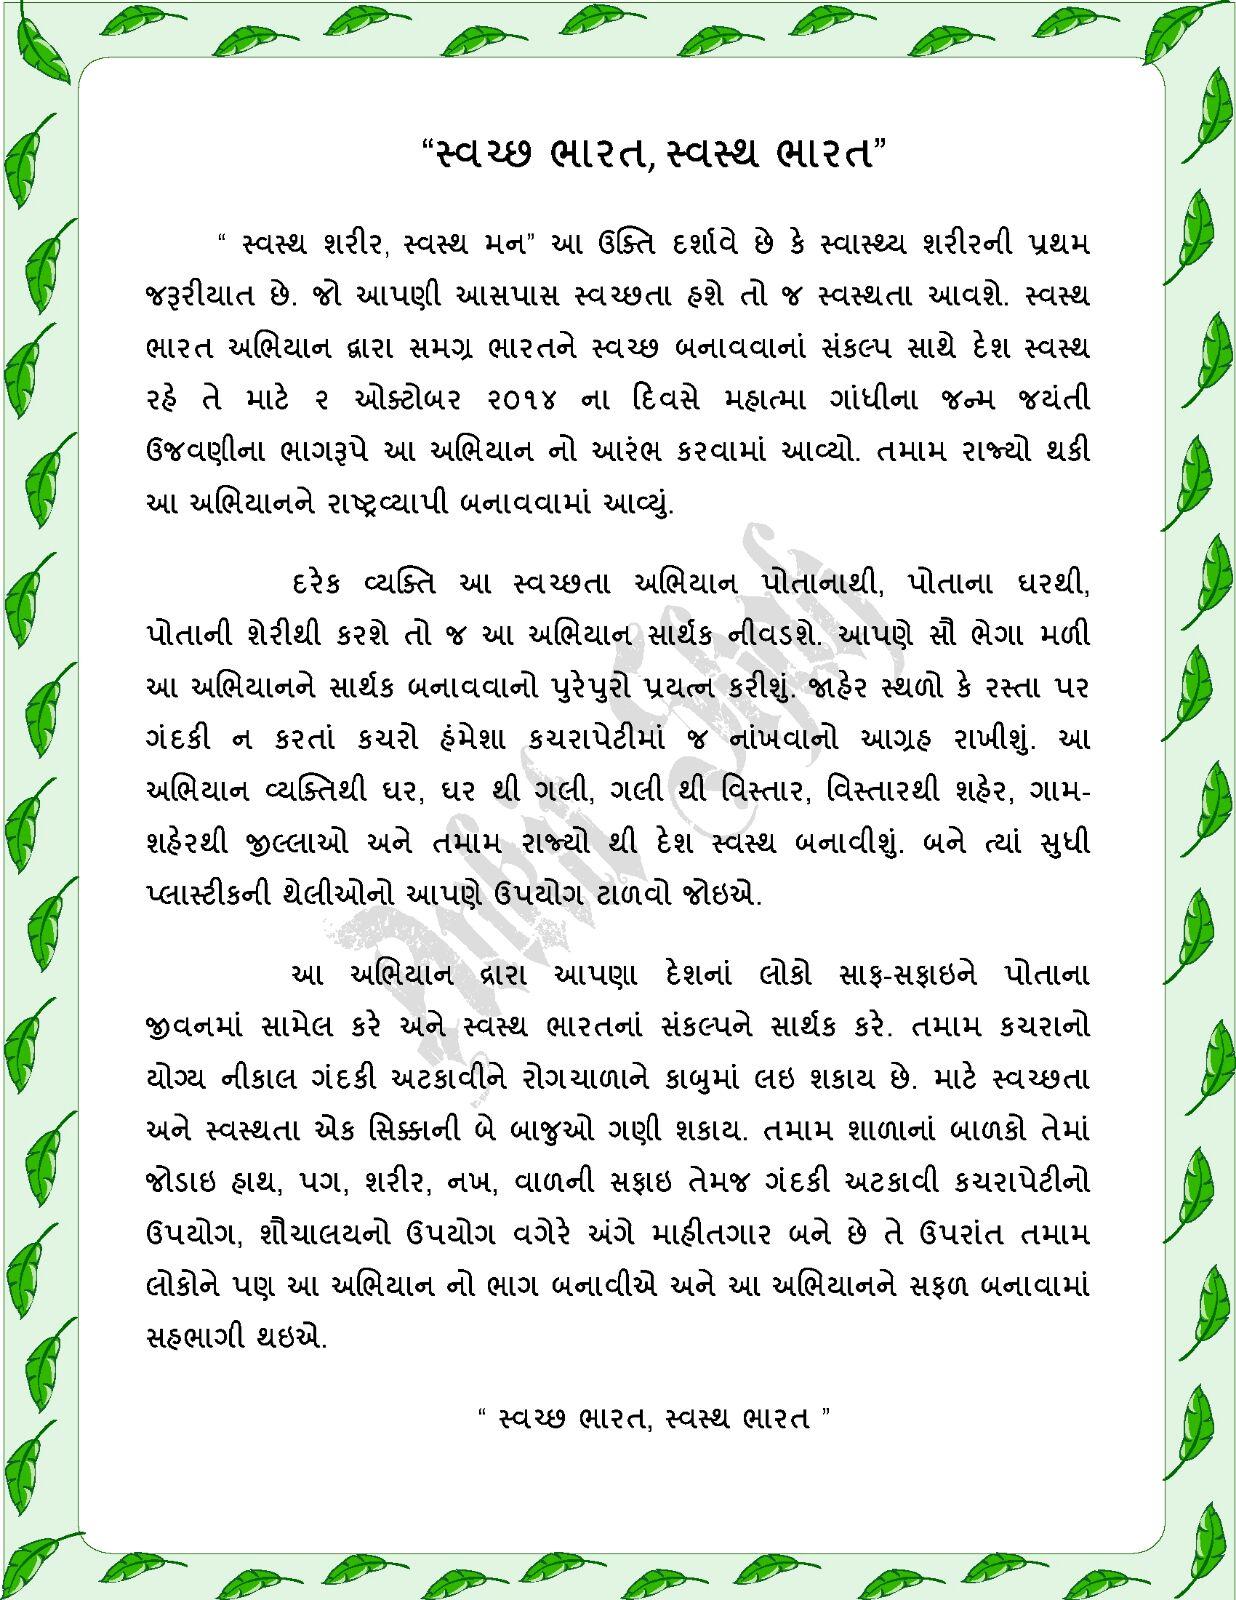 swachh bharat swasth bharat essay in gujarati